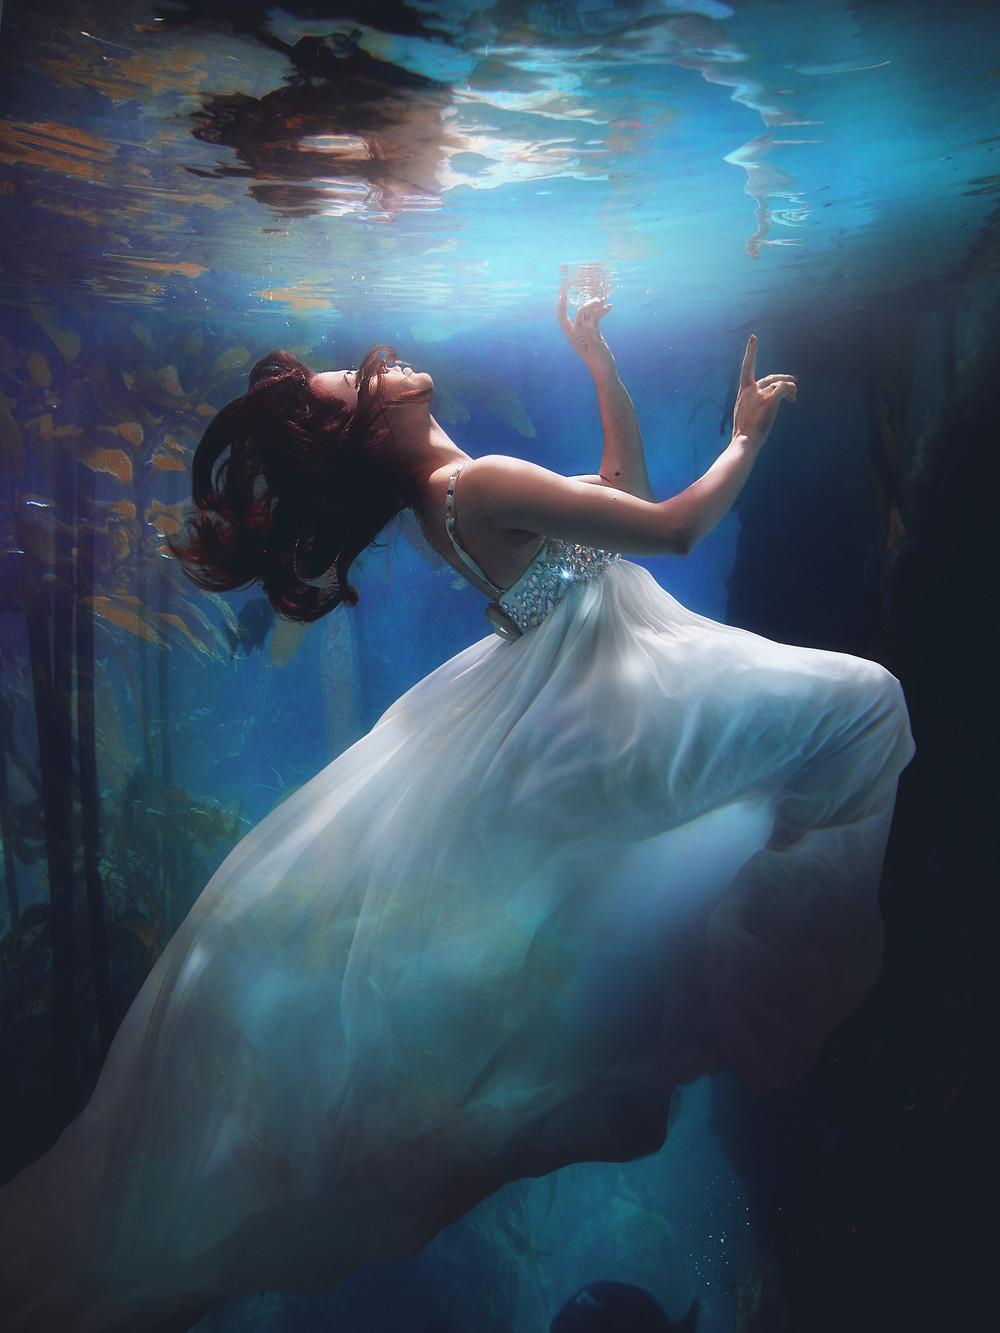 Mulher dentro do mar subindo para a superfície